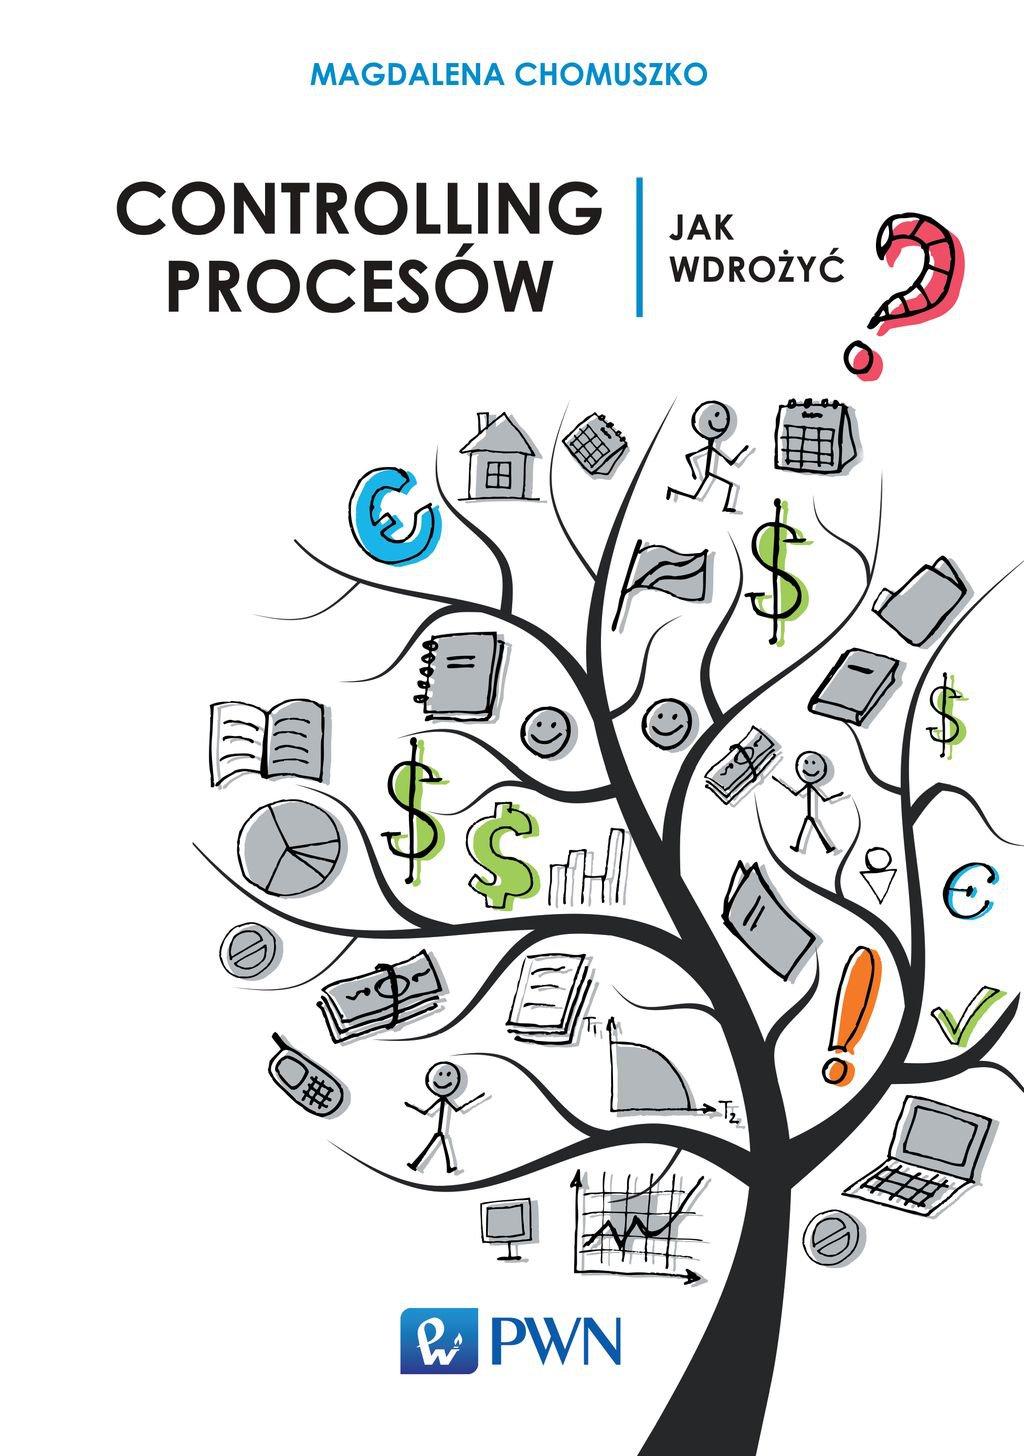 Controlling procesów. Jak wdrożyć? - Ebook (Książka na Kindle) do pobrania w formacie MOBI